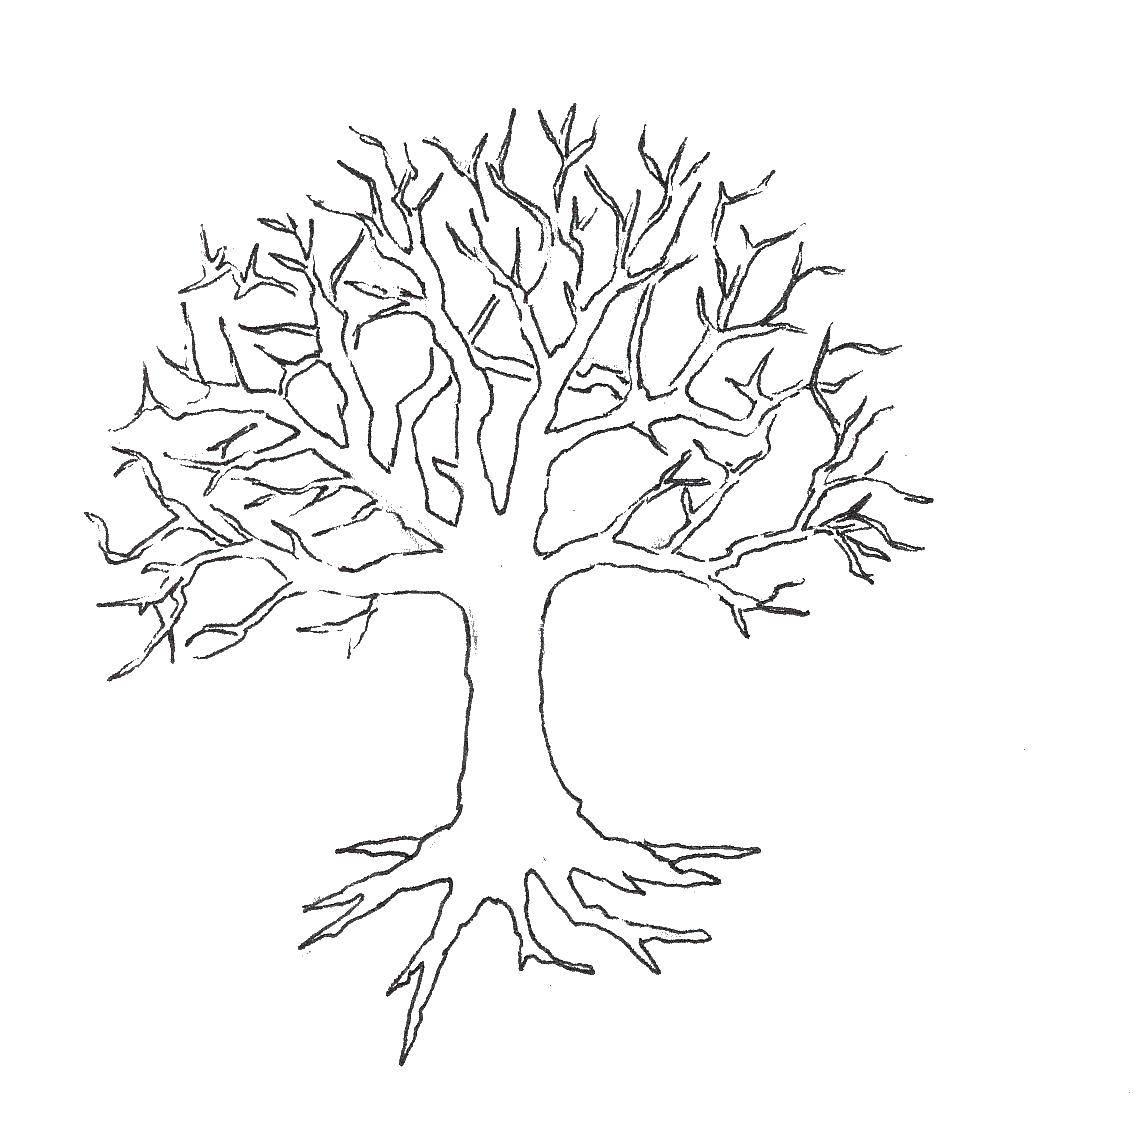 Раскраска Дерево и корни Скачать дерево, контуры.  Распечатать ,Контур дерева,